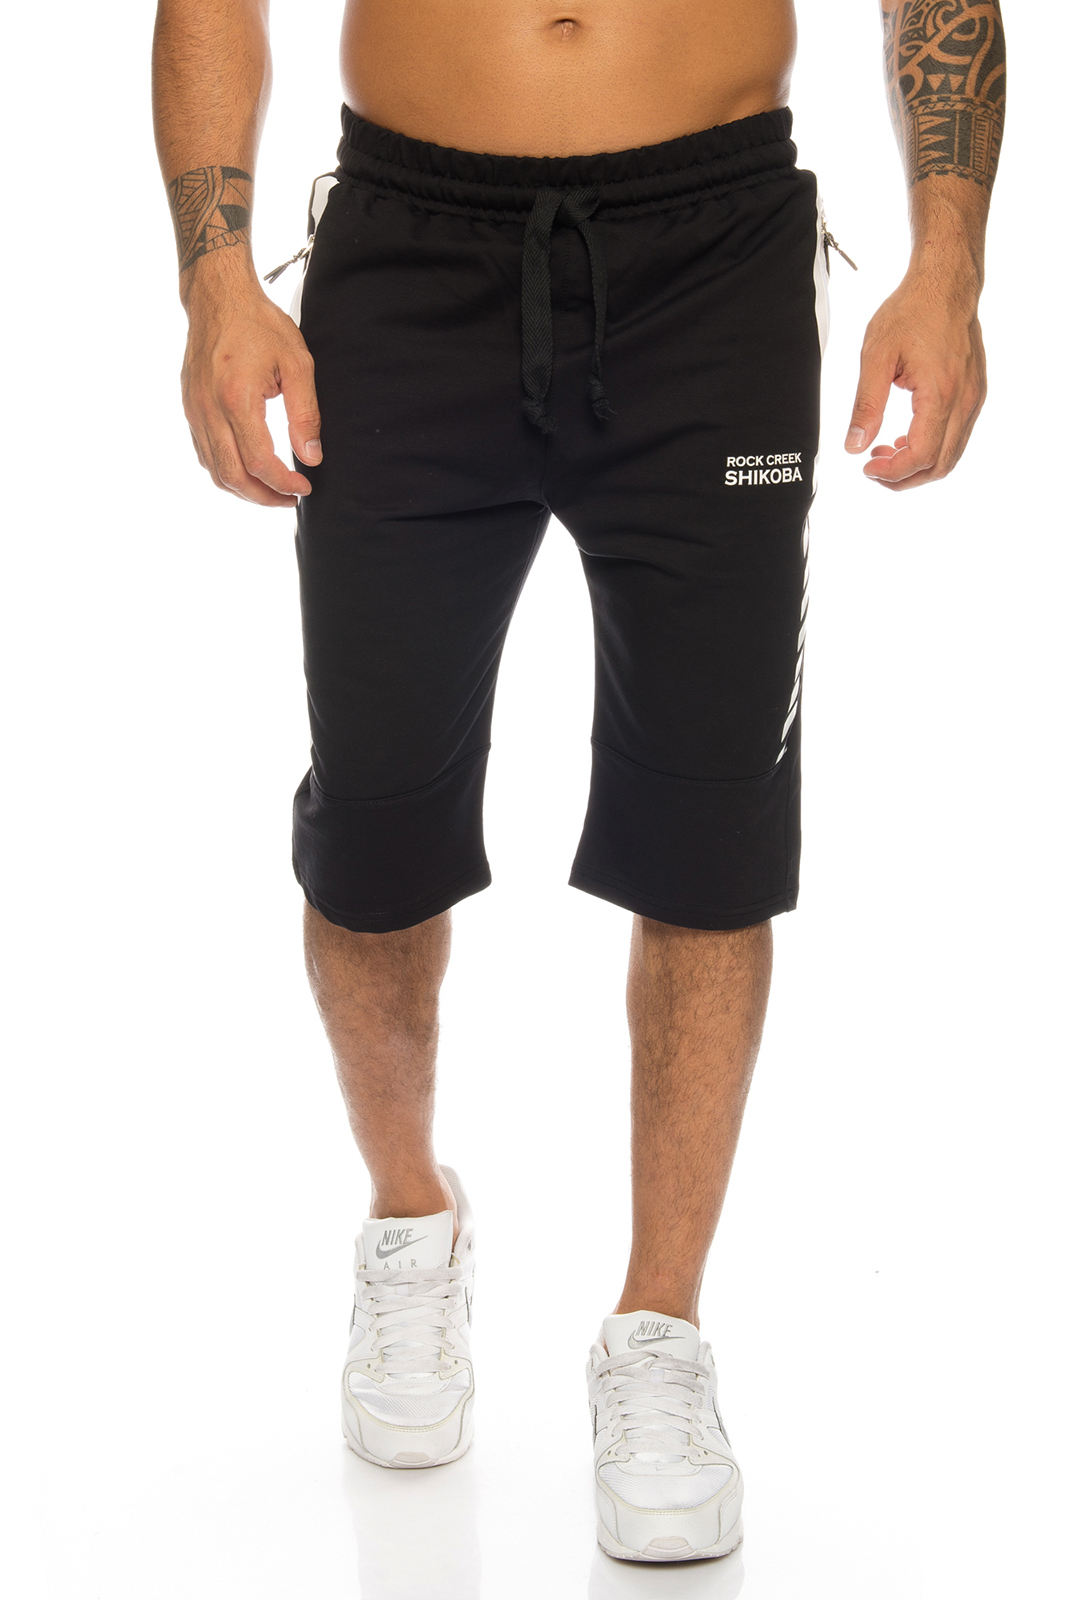 Rock Creek Herren Shorts Sweatshorts Herren Fitness Shorts Stretch ... 56bd93c68a